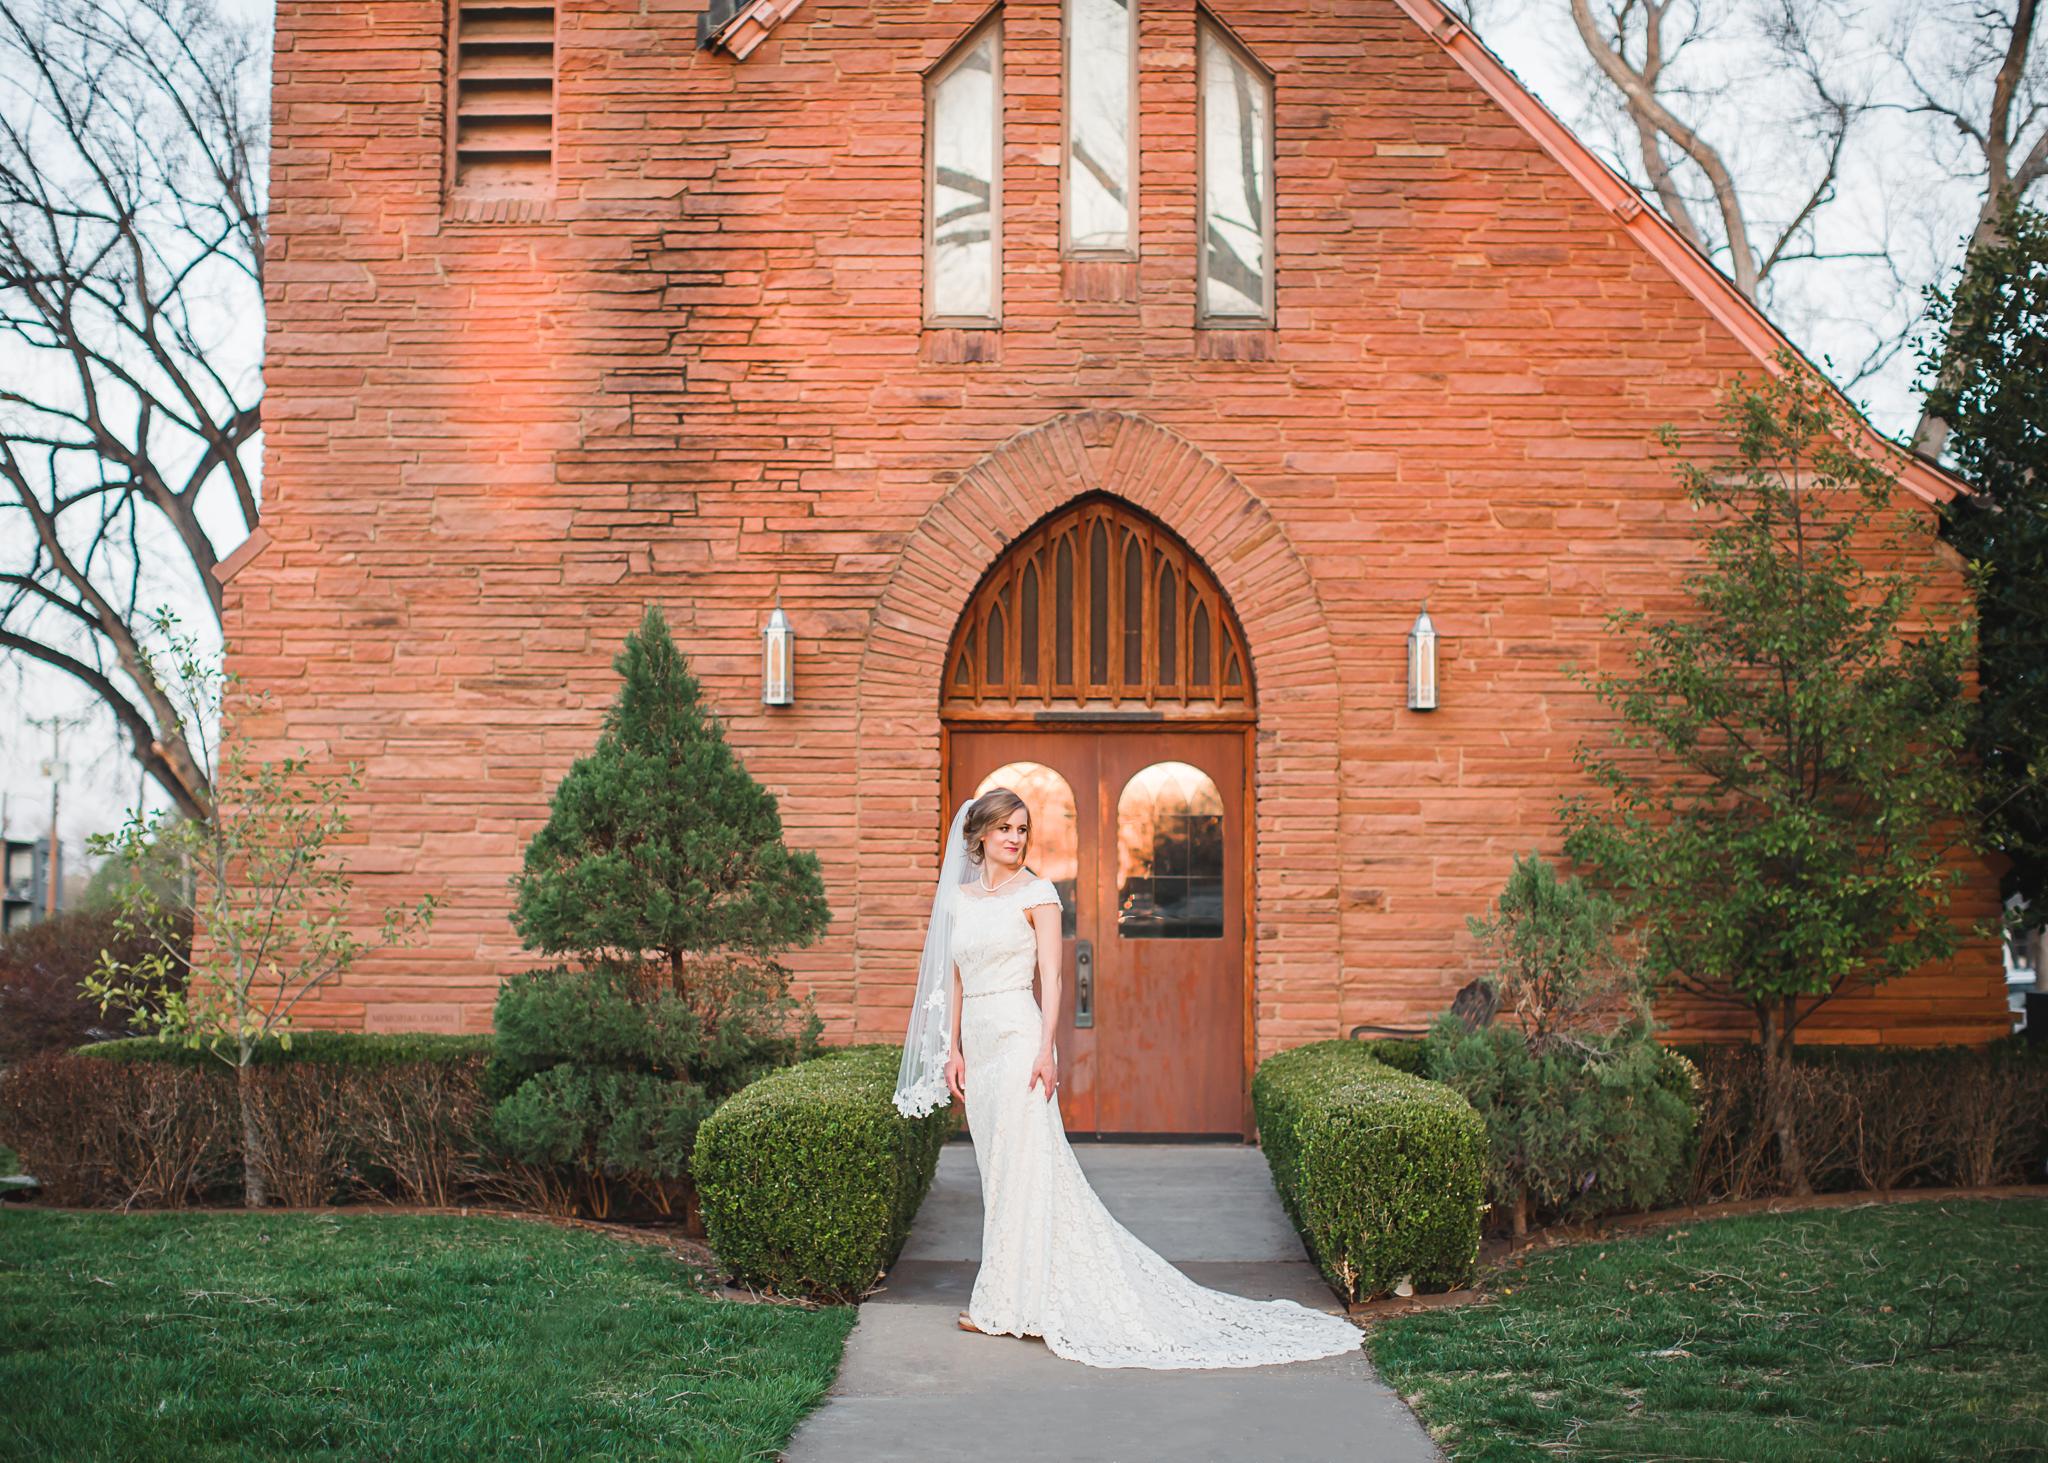 alyssa bridal blog-27.jpg